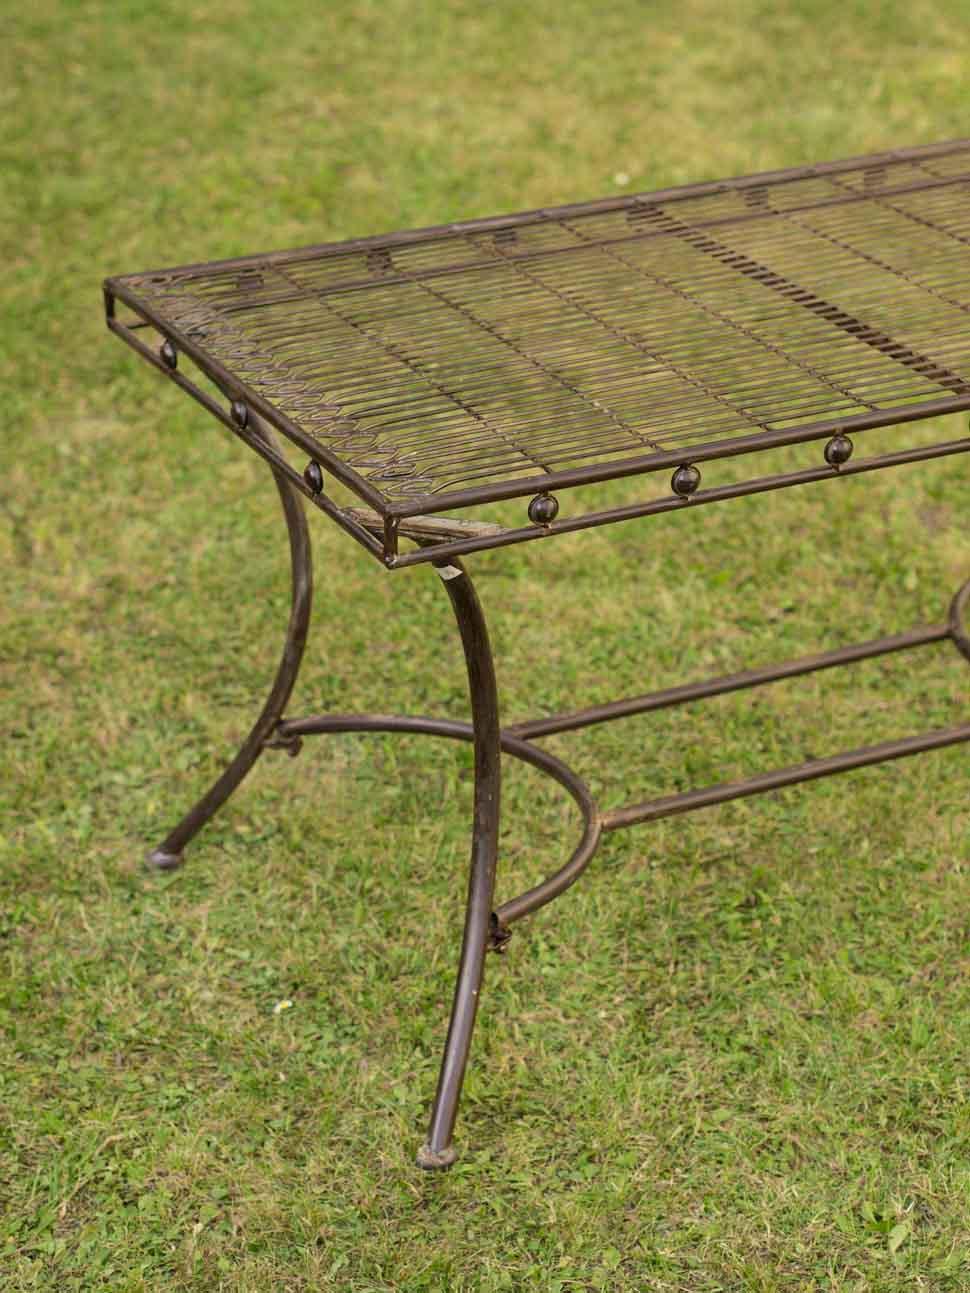 Nostalgie Gartentisch Gartentisch Eisen Tisch Loungetisch Antikstil